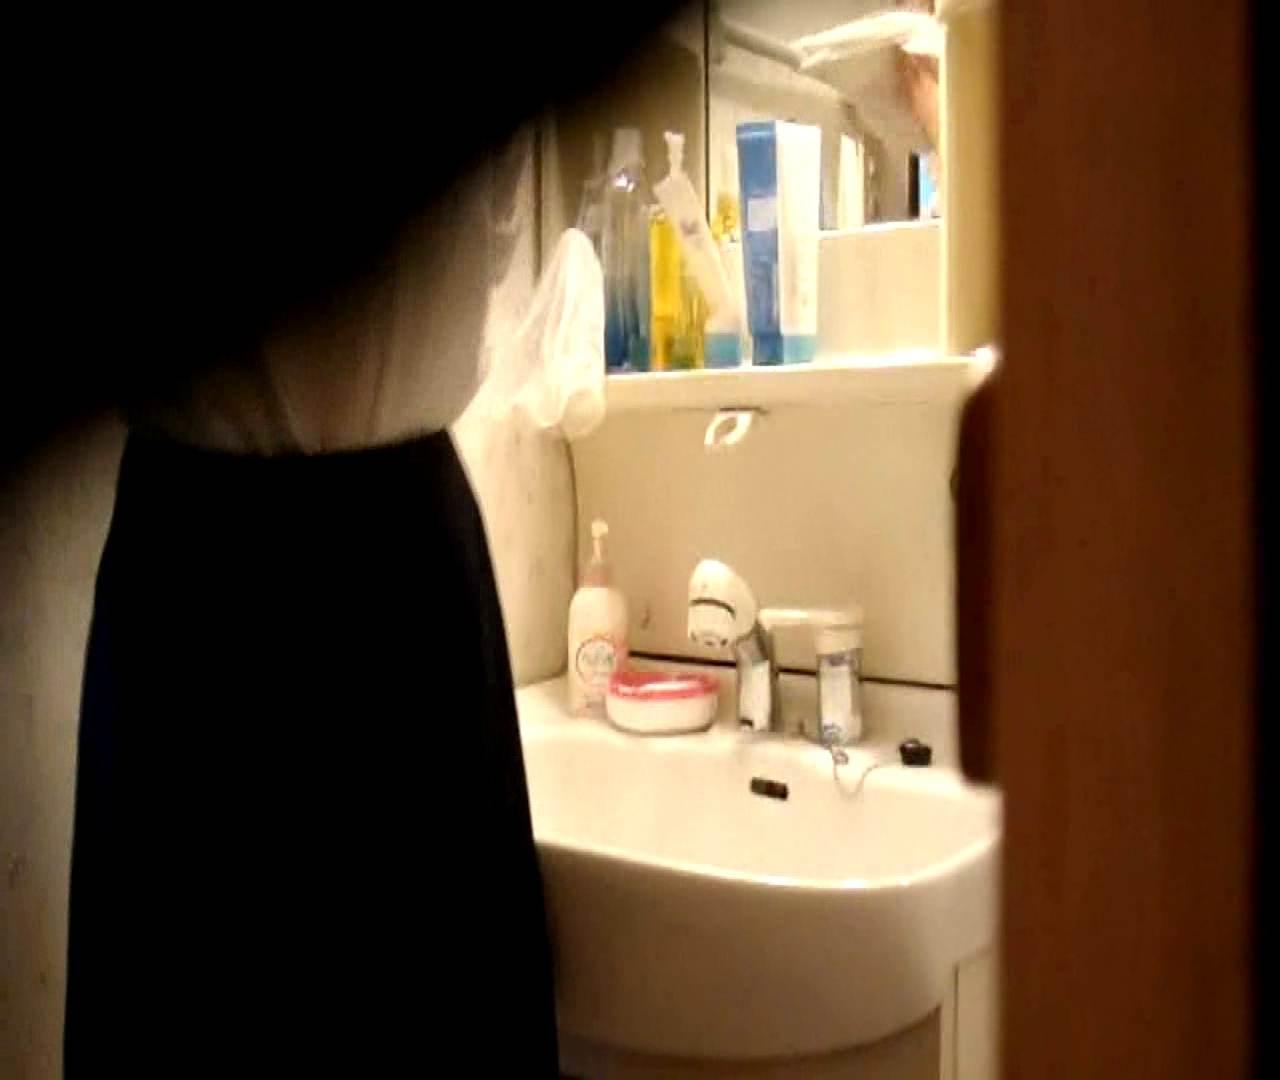 二人とも育てた甲斐がありました… vol.05 まどかが洗顔後にブラを洗濯 盗撮シリーズ  79PIX 44